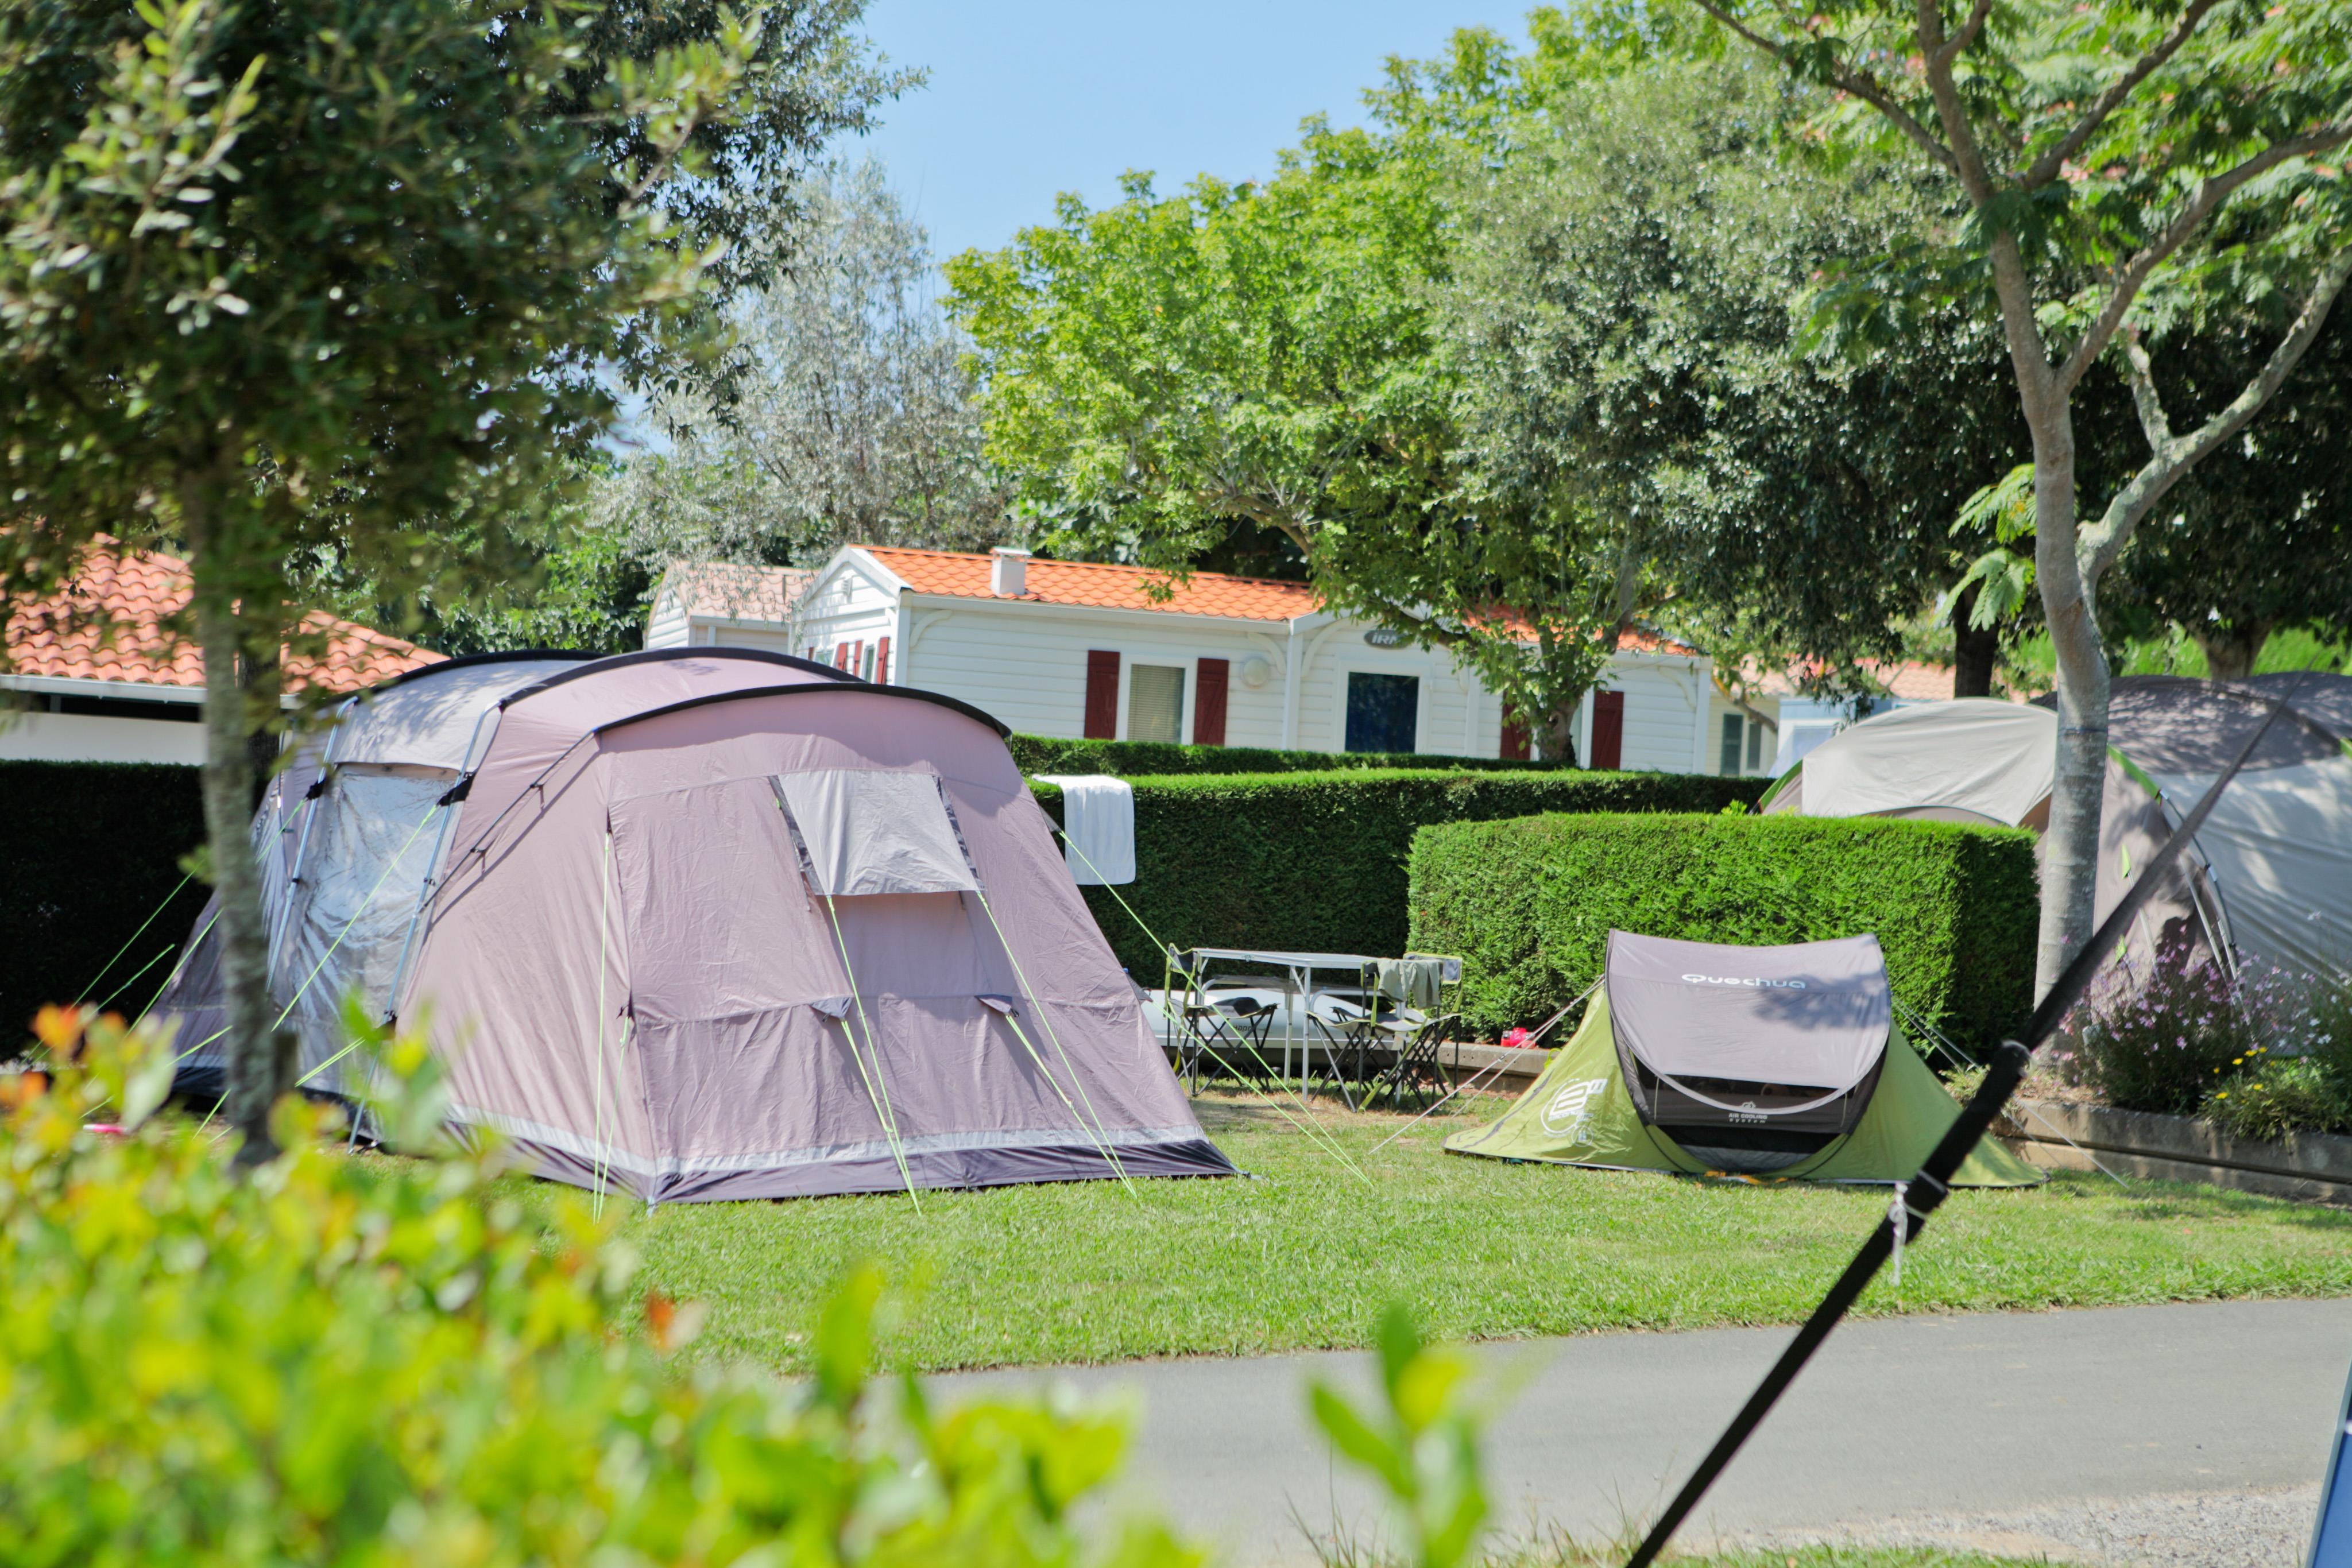 Camping Uronea, Bidart, Pyrénées-Atlantiques